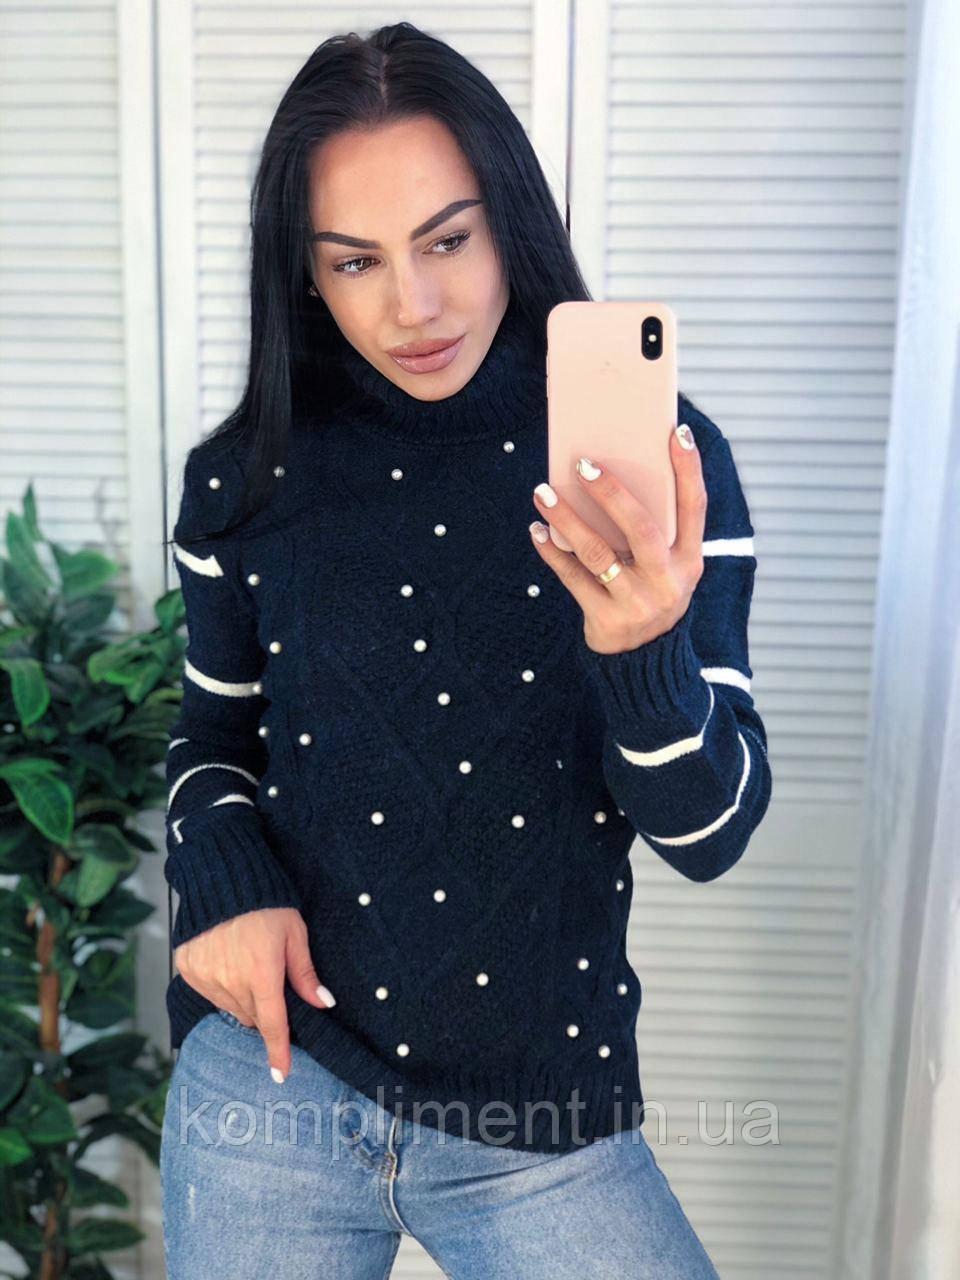 Женский теплый вязаный свитер с полосками под горло,синий. Производство Турция.